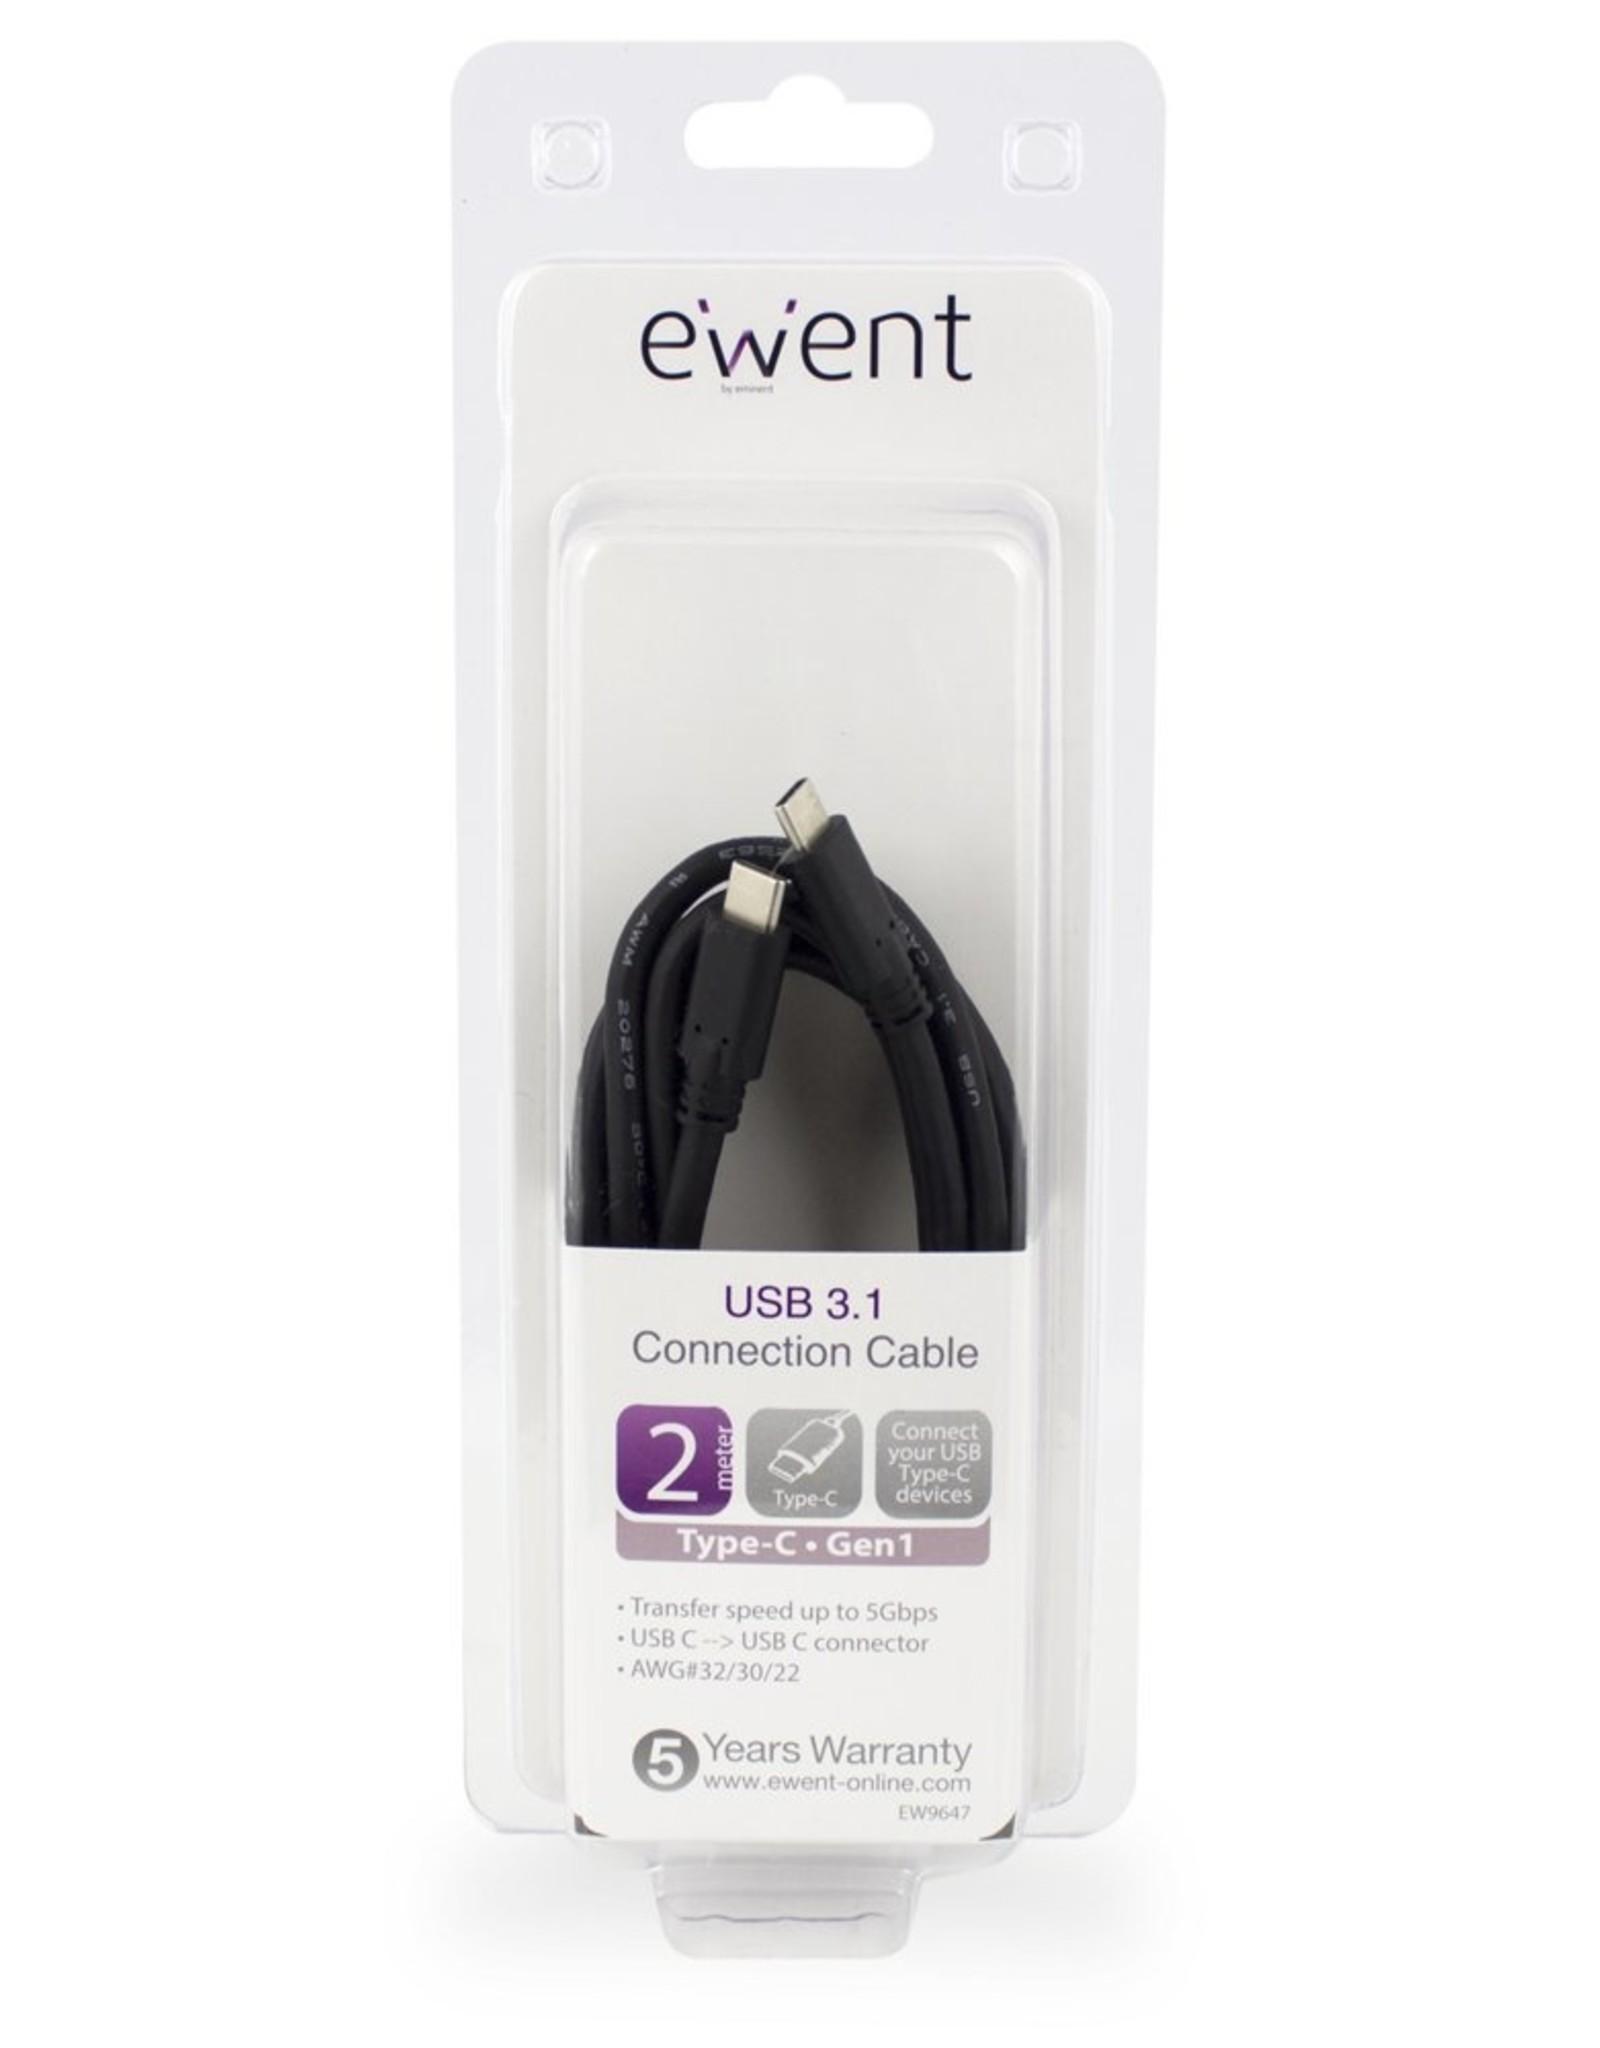 Type-C Connection Cable USB 3.1 Gen1 (USB 3.0) 2.0 M